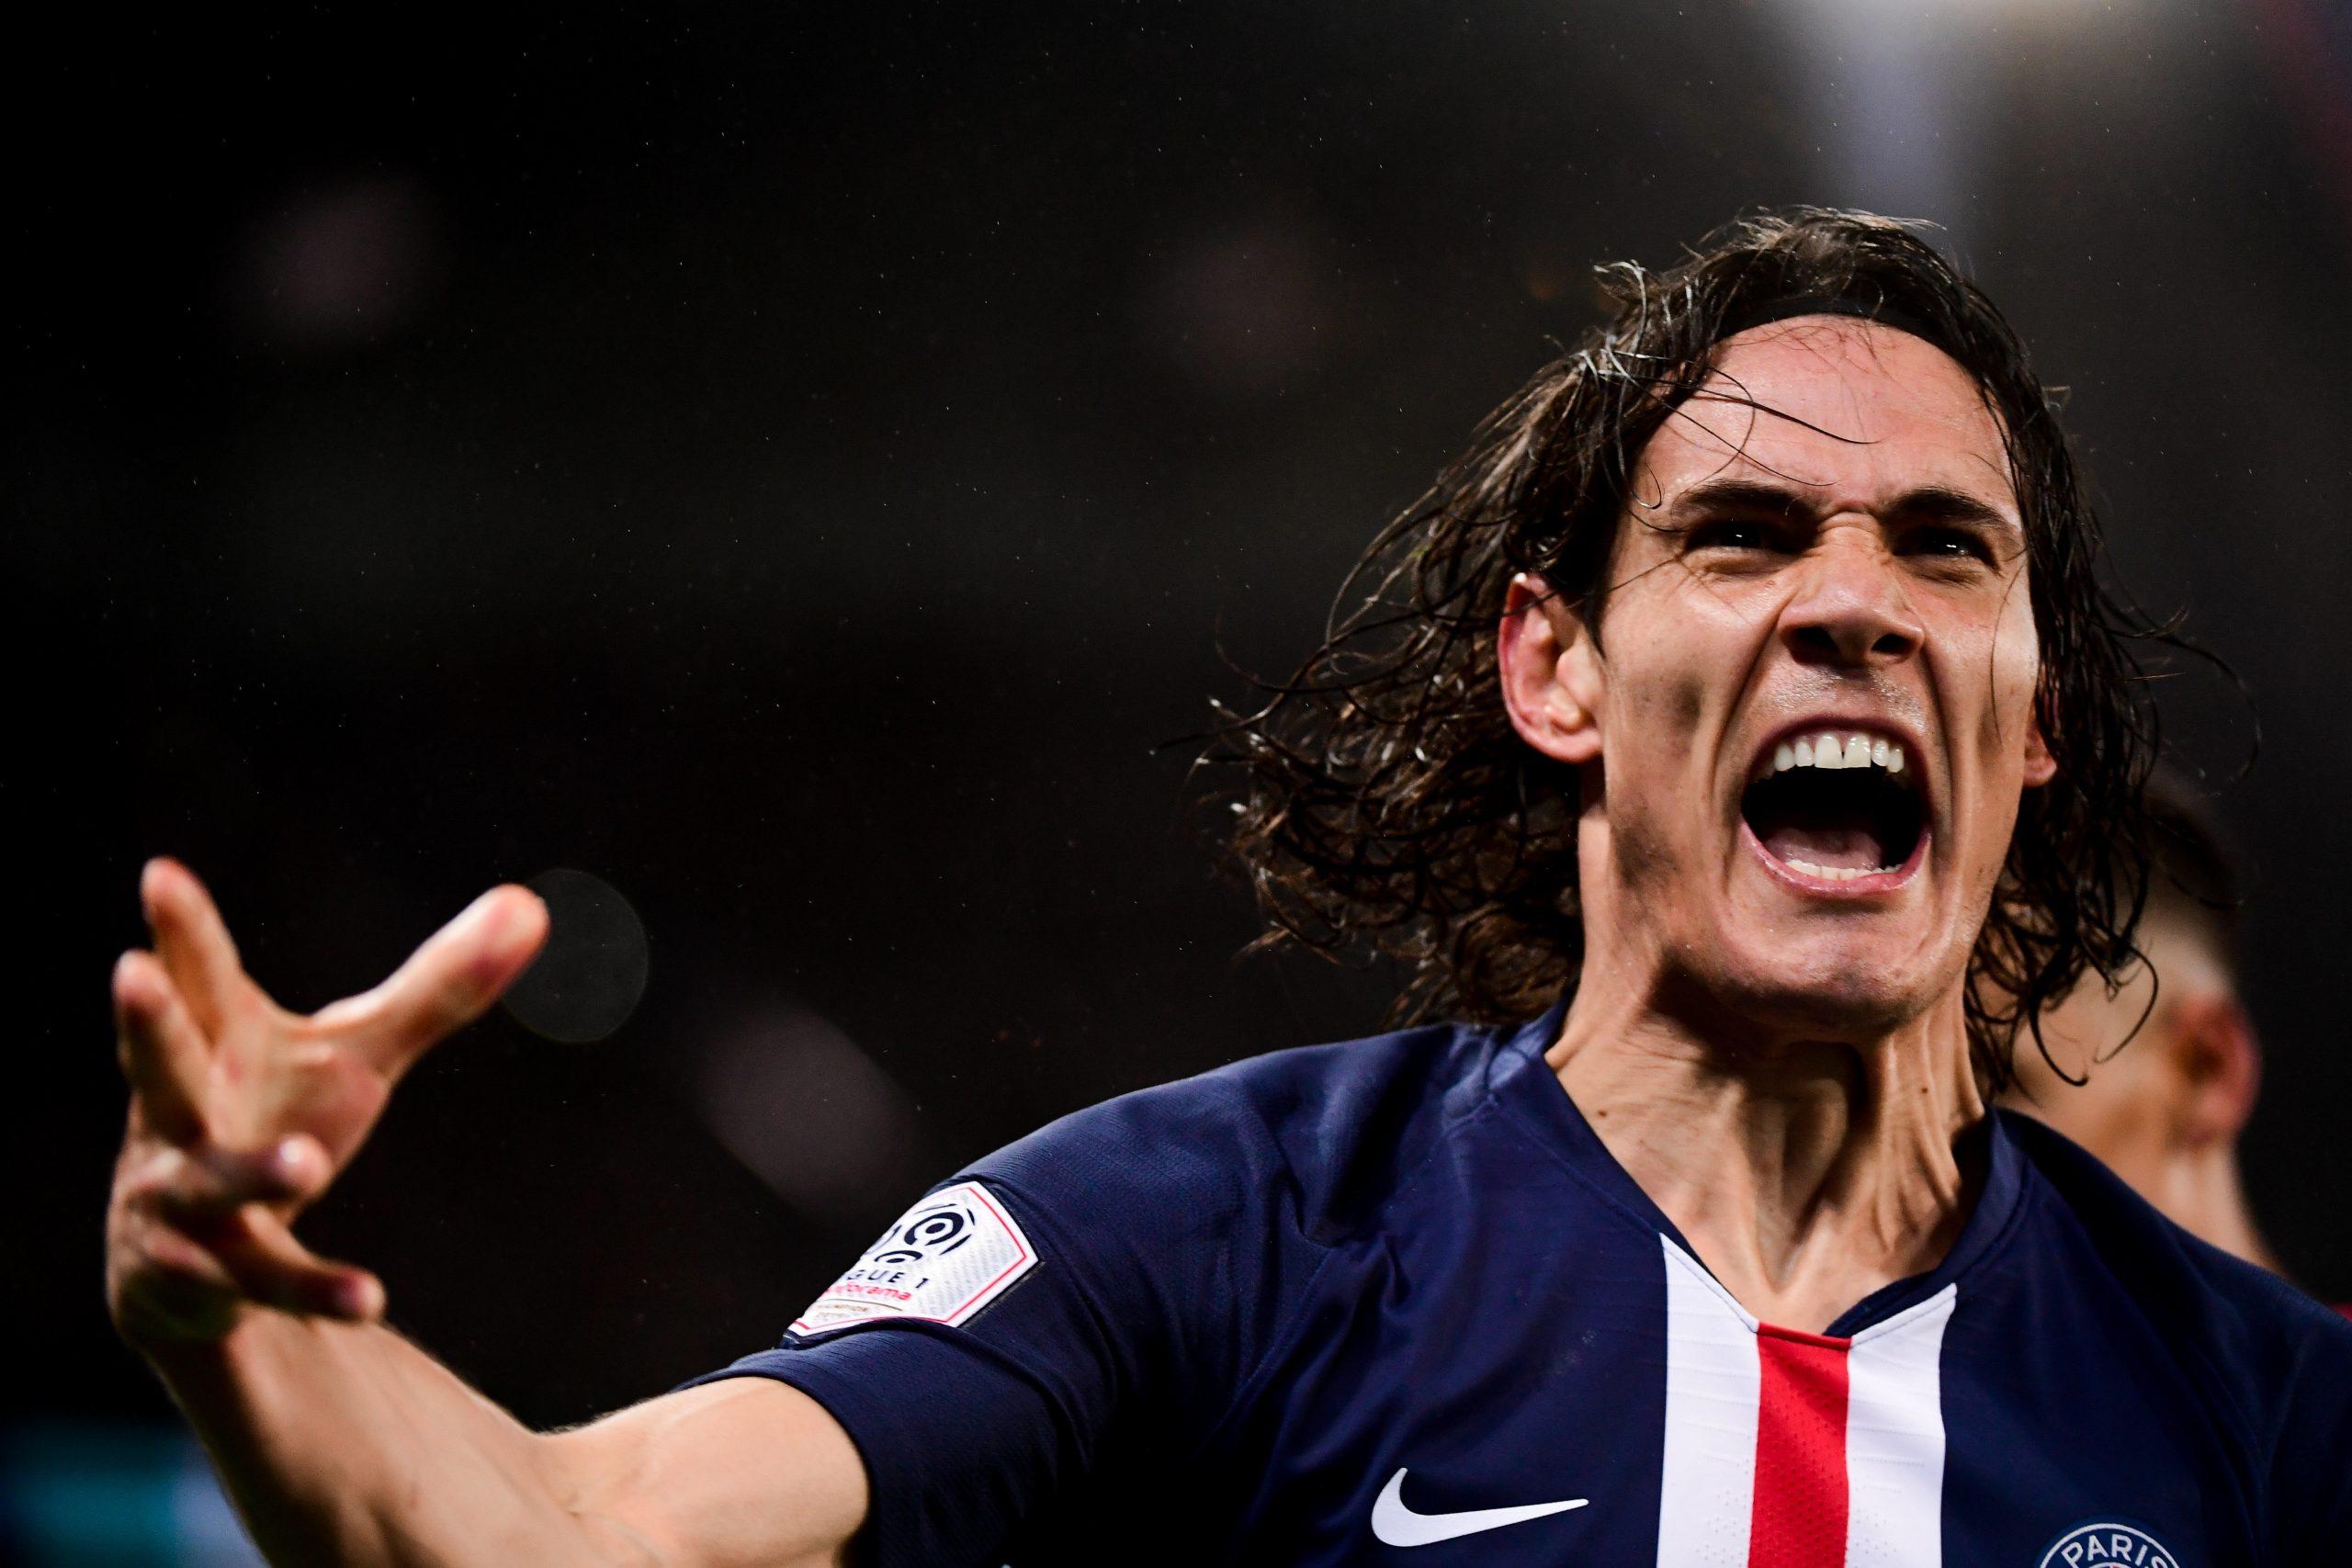 PSG/Bordeaux - Les notes des Parisiens dans la presse : Cavani et Verratti hommes du match, Mbappé a la moyenne